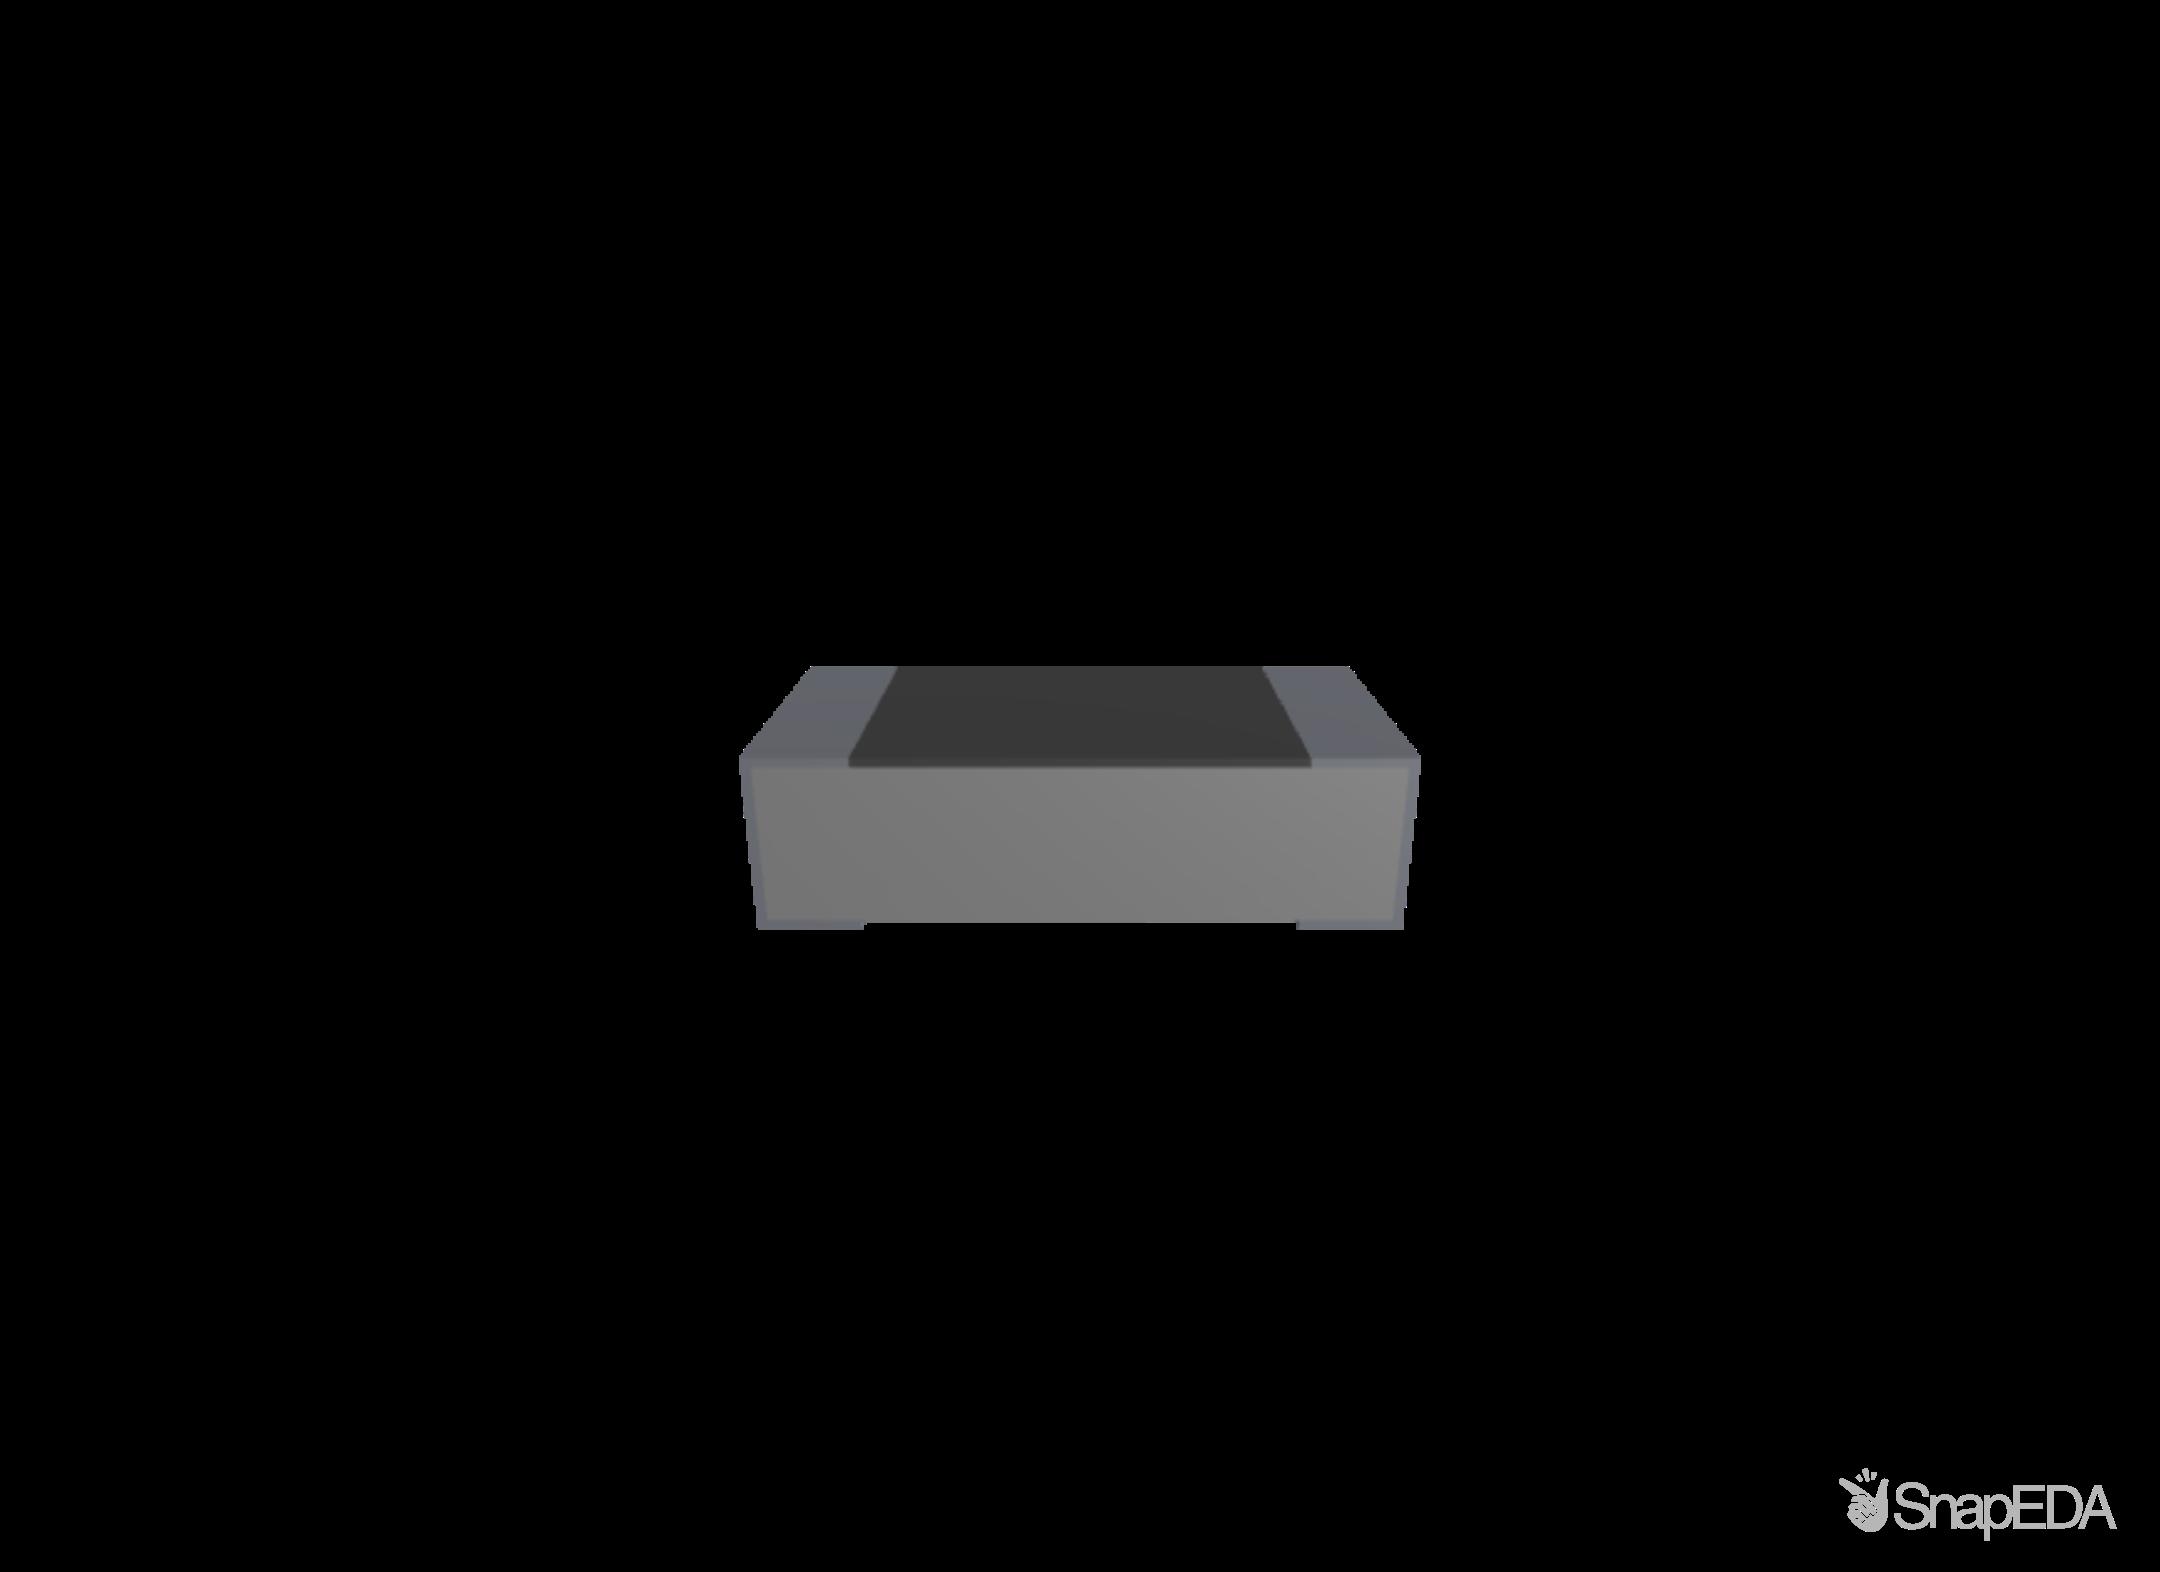 CSNL1206FT2L00 3D Model